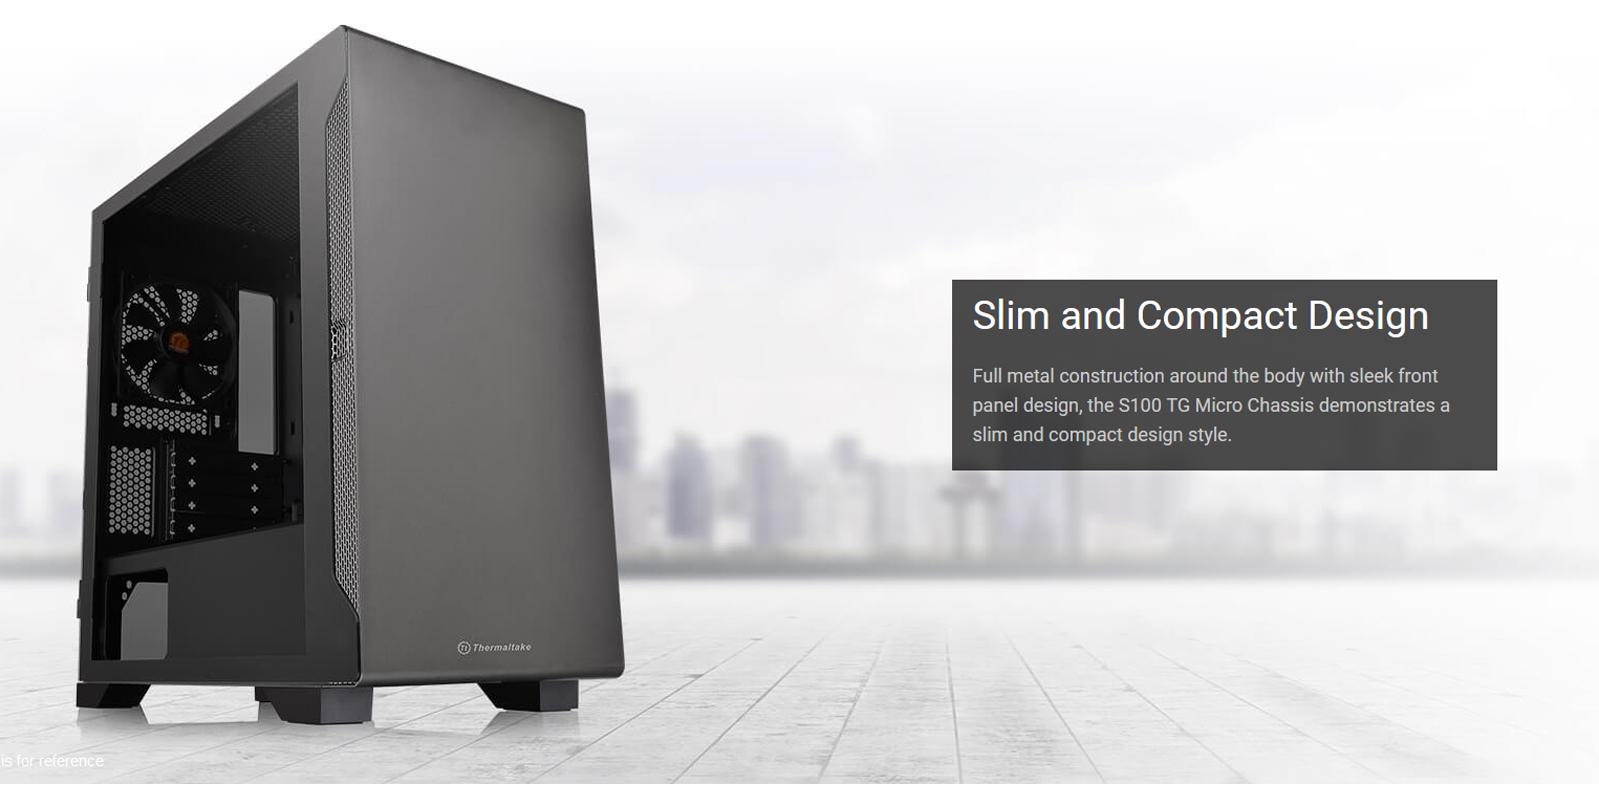 Vỏ Case Thermaltake S100 Tempered Glass (Mid Tower / Màu Đen) sở hữu khung kim loại chắc chắn và vẻ bề ngoài láng mịn, kích thước mỏng và gọn gàng.